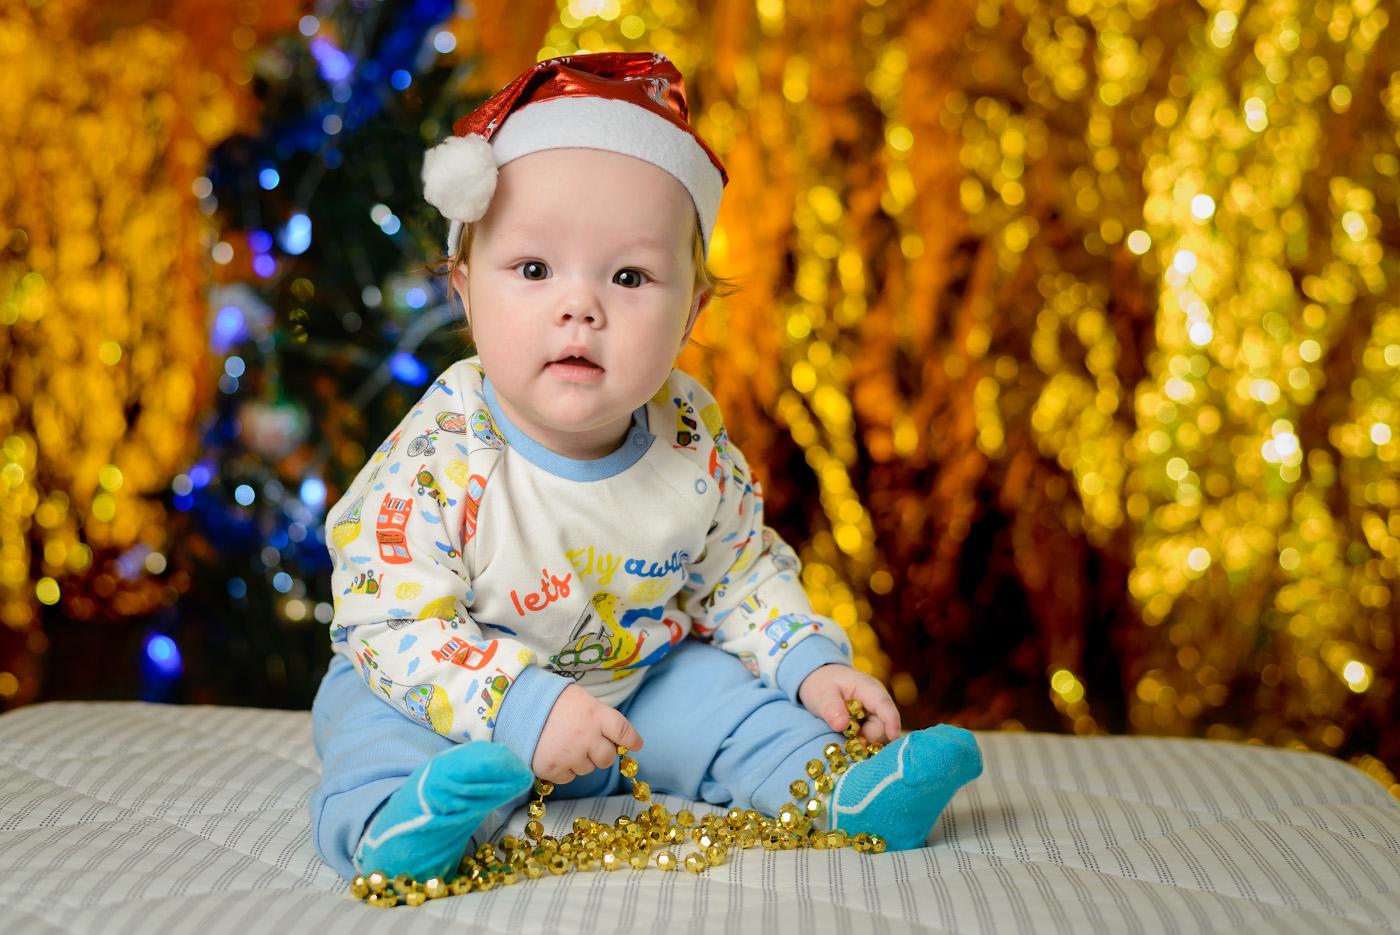 Фото 32. Новогодняя фотосессия с ребенком 6 месяцев. Снято на зеркалку Nikon D610 и портретный фикс Nikon 50mm f/1.8G. Освещение от одной внешней вспышки Yongnuo YN-685N, установленной на стойке «Viltrox» слева. Справа – белый отражатель. Вторая вспышка YN-685N светит на фон. Параметры: 1/200, 2.8, 160, 50.